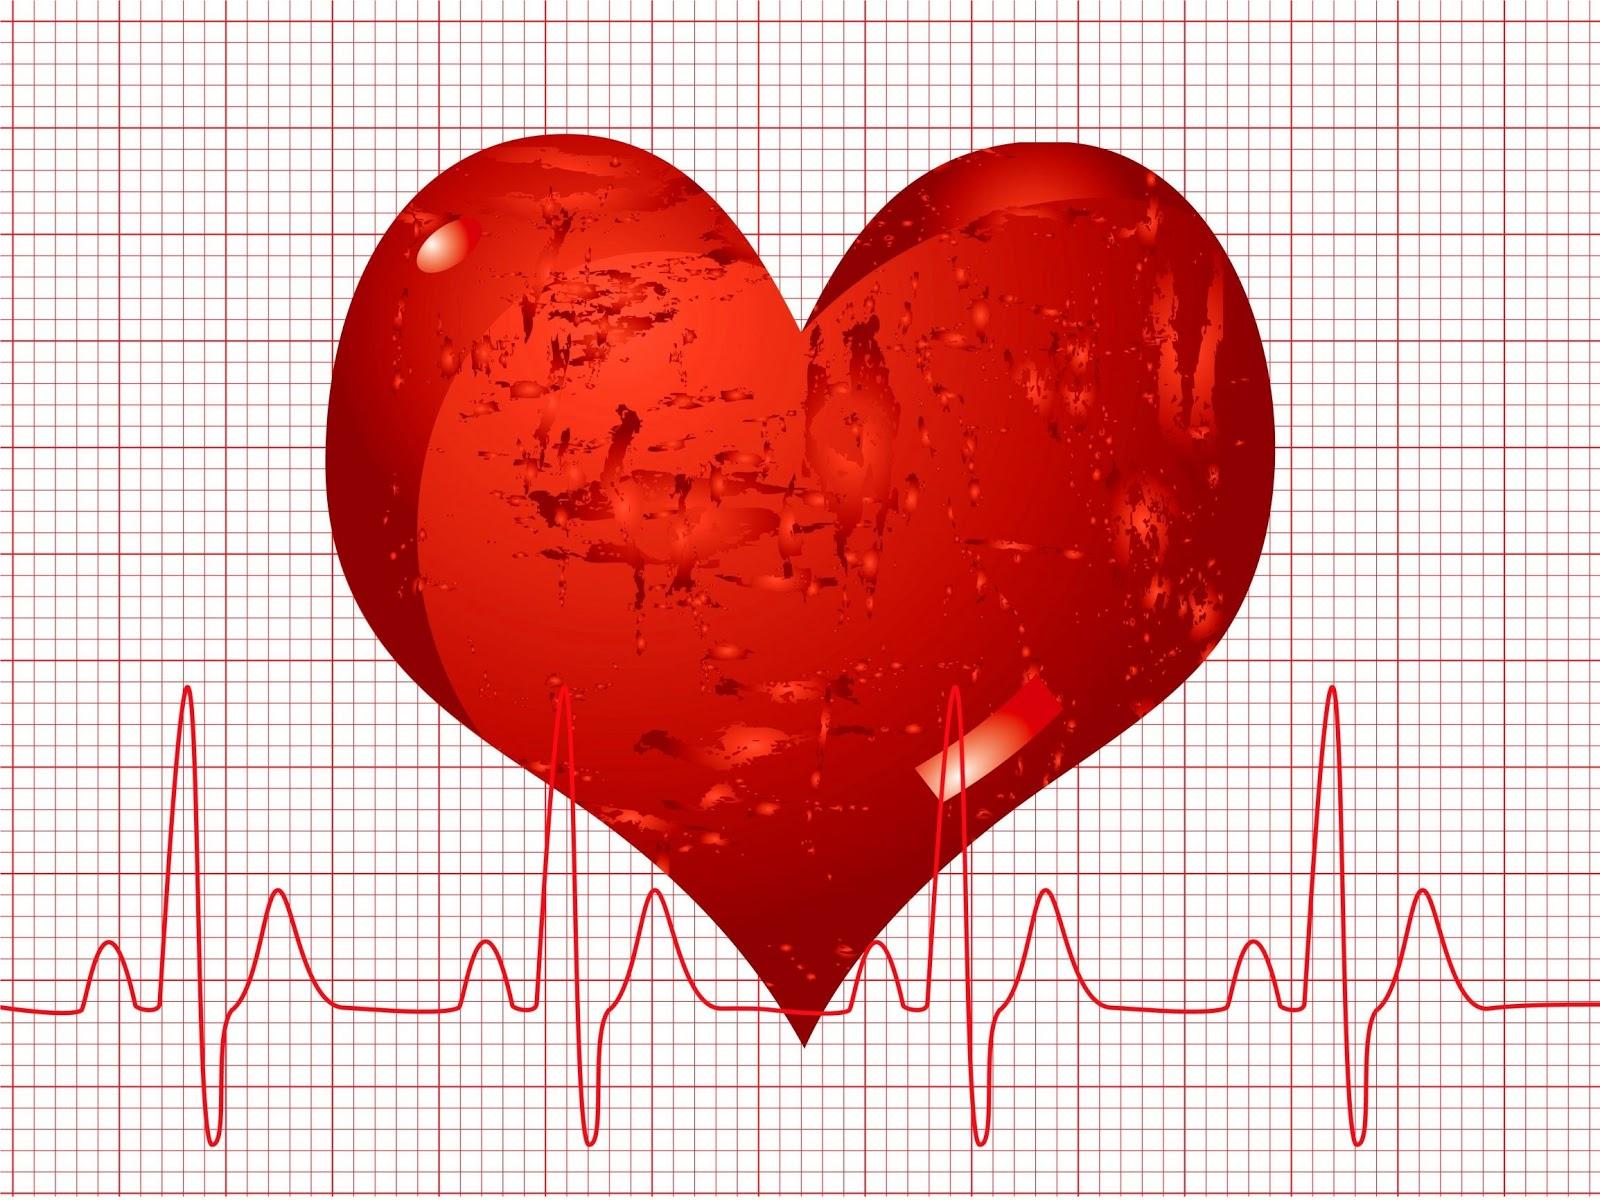 Февраля, открытка в москве сердце бьется чаще